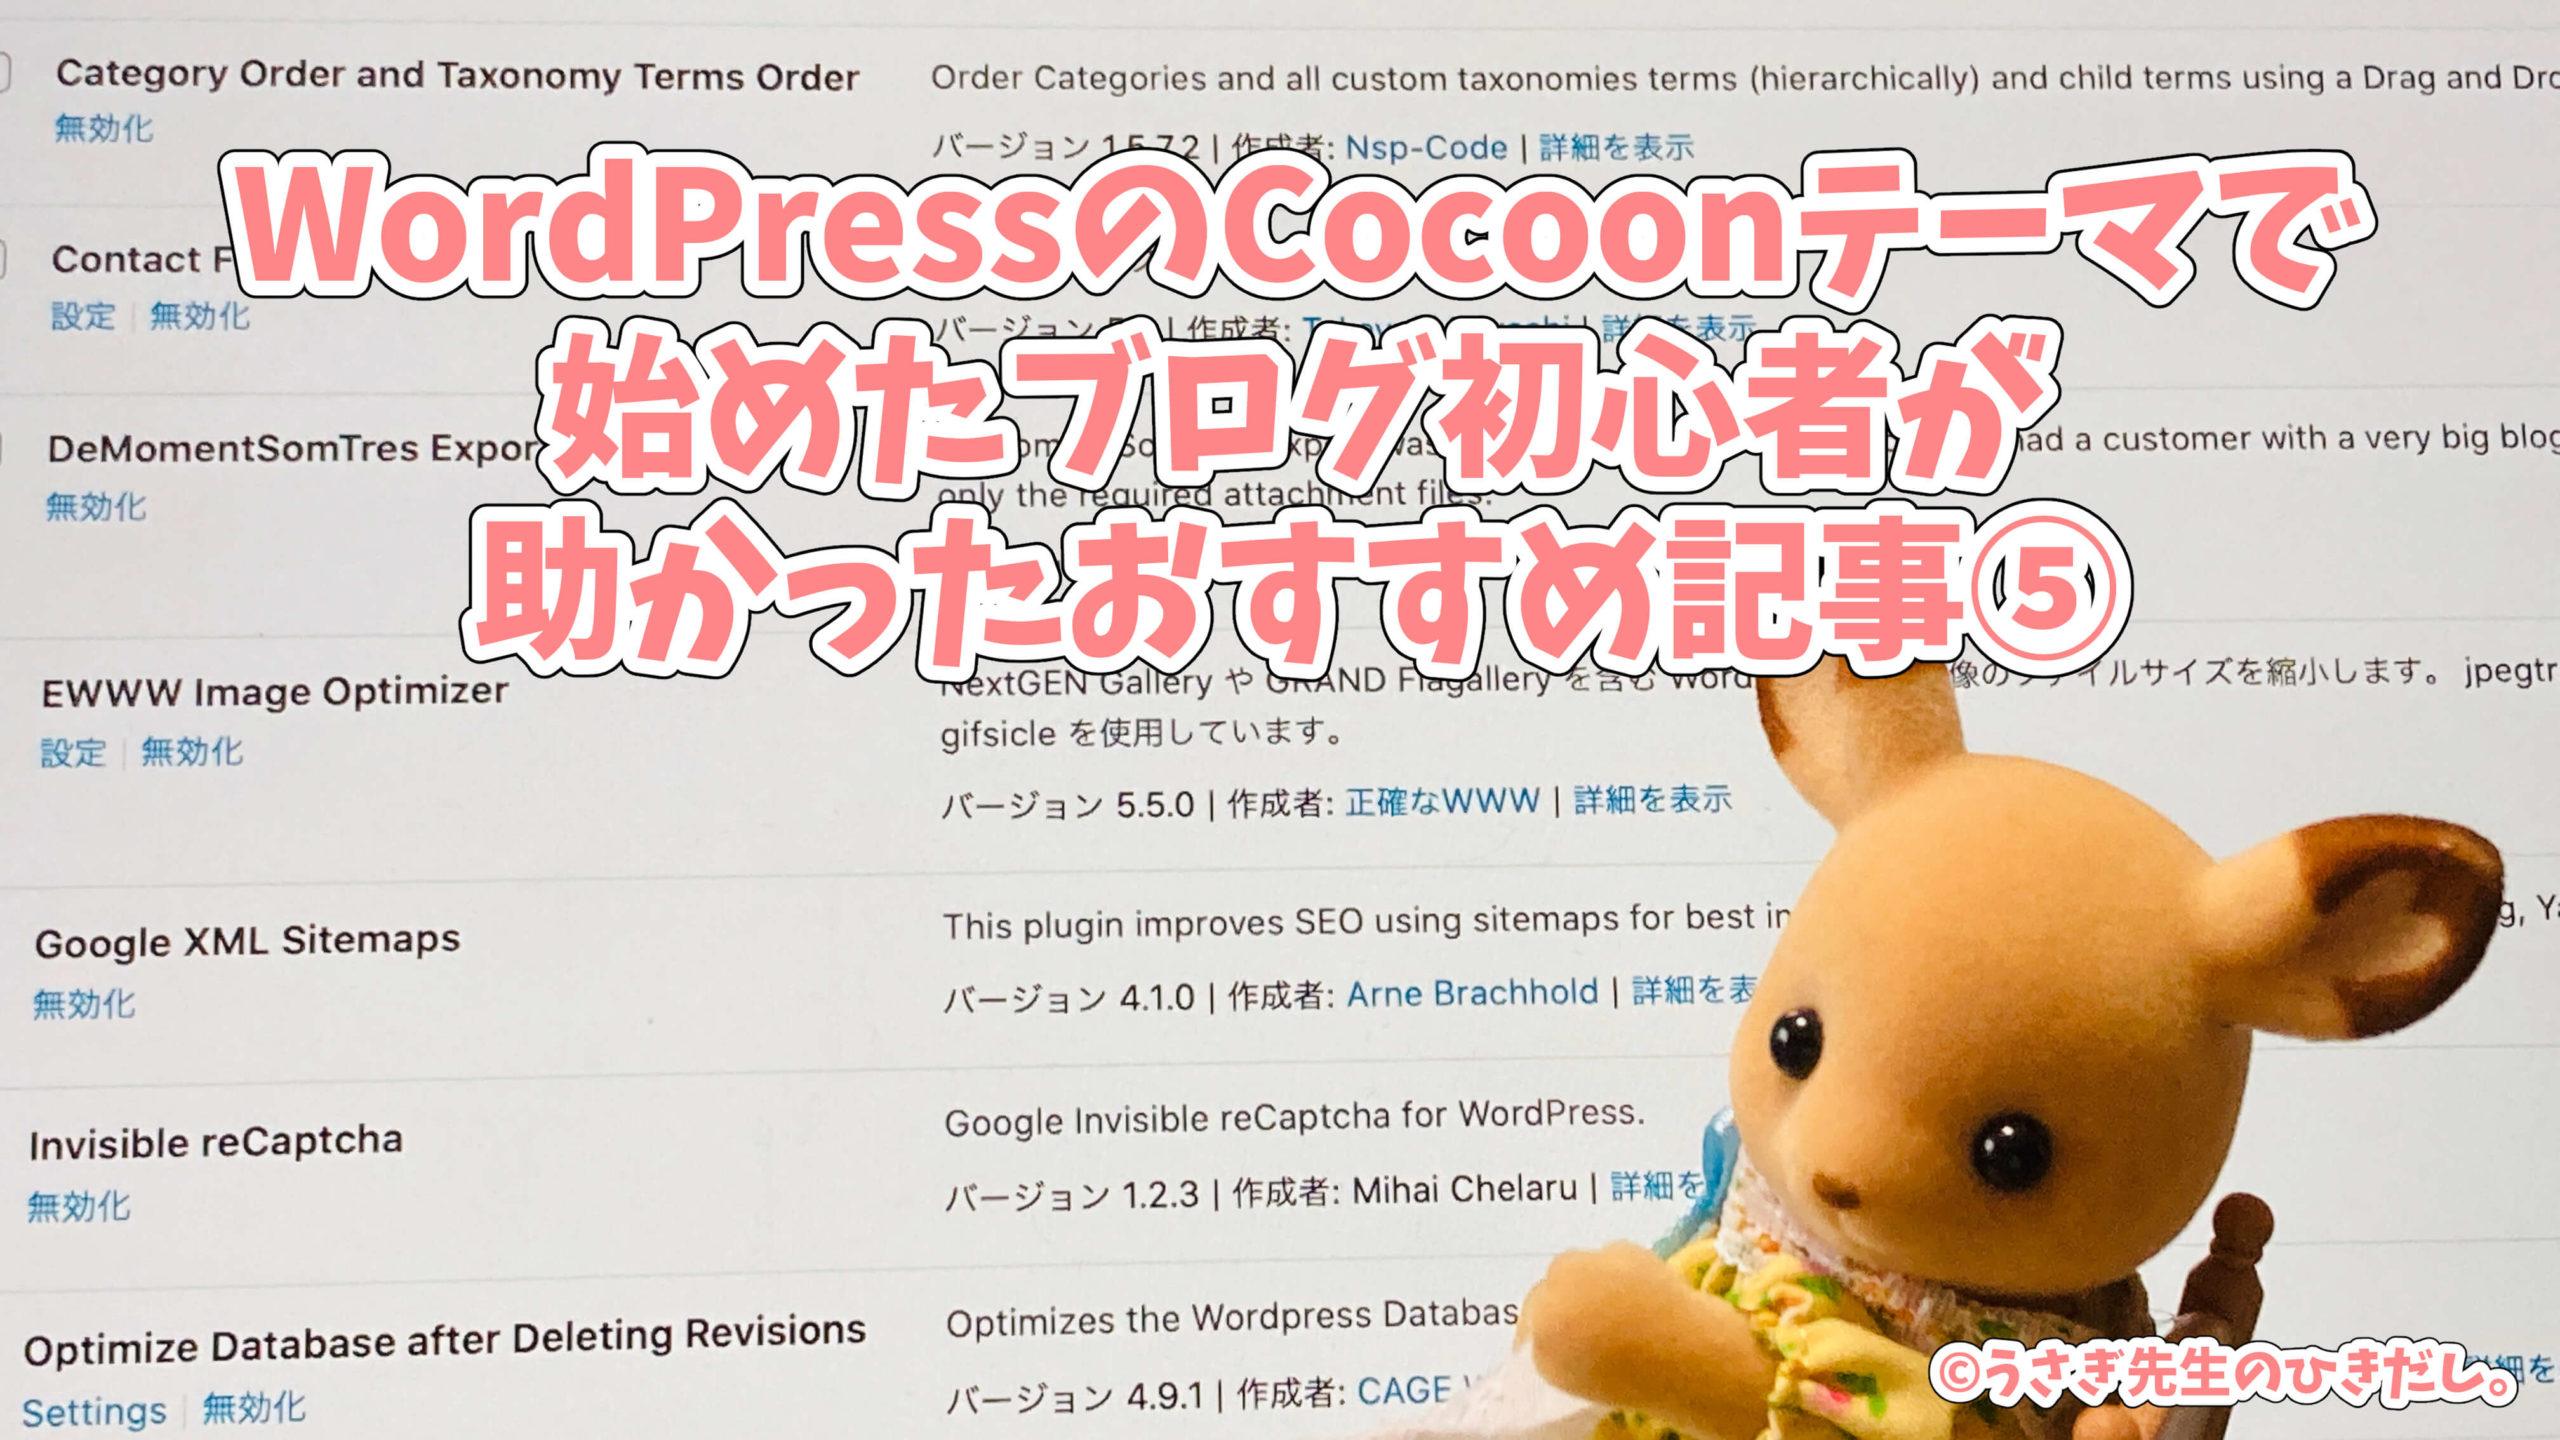 WordPressのCocoonテーマで始めたブログ初心者が、助けてもらったおすすめ情報まとめ